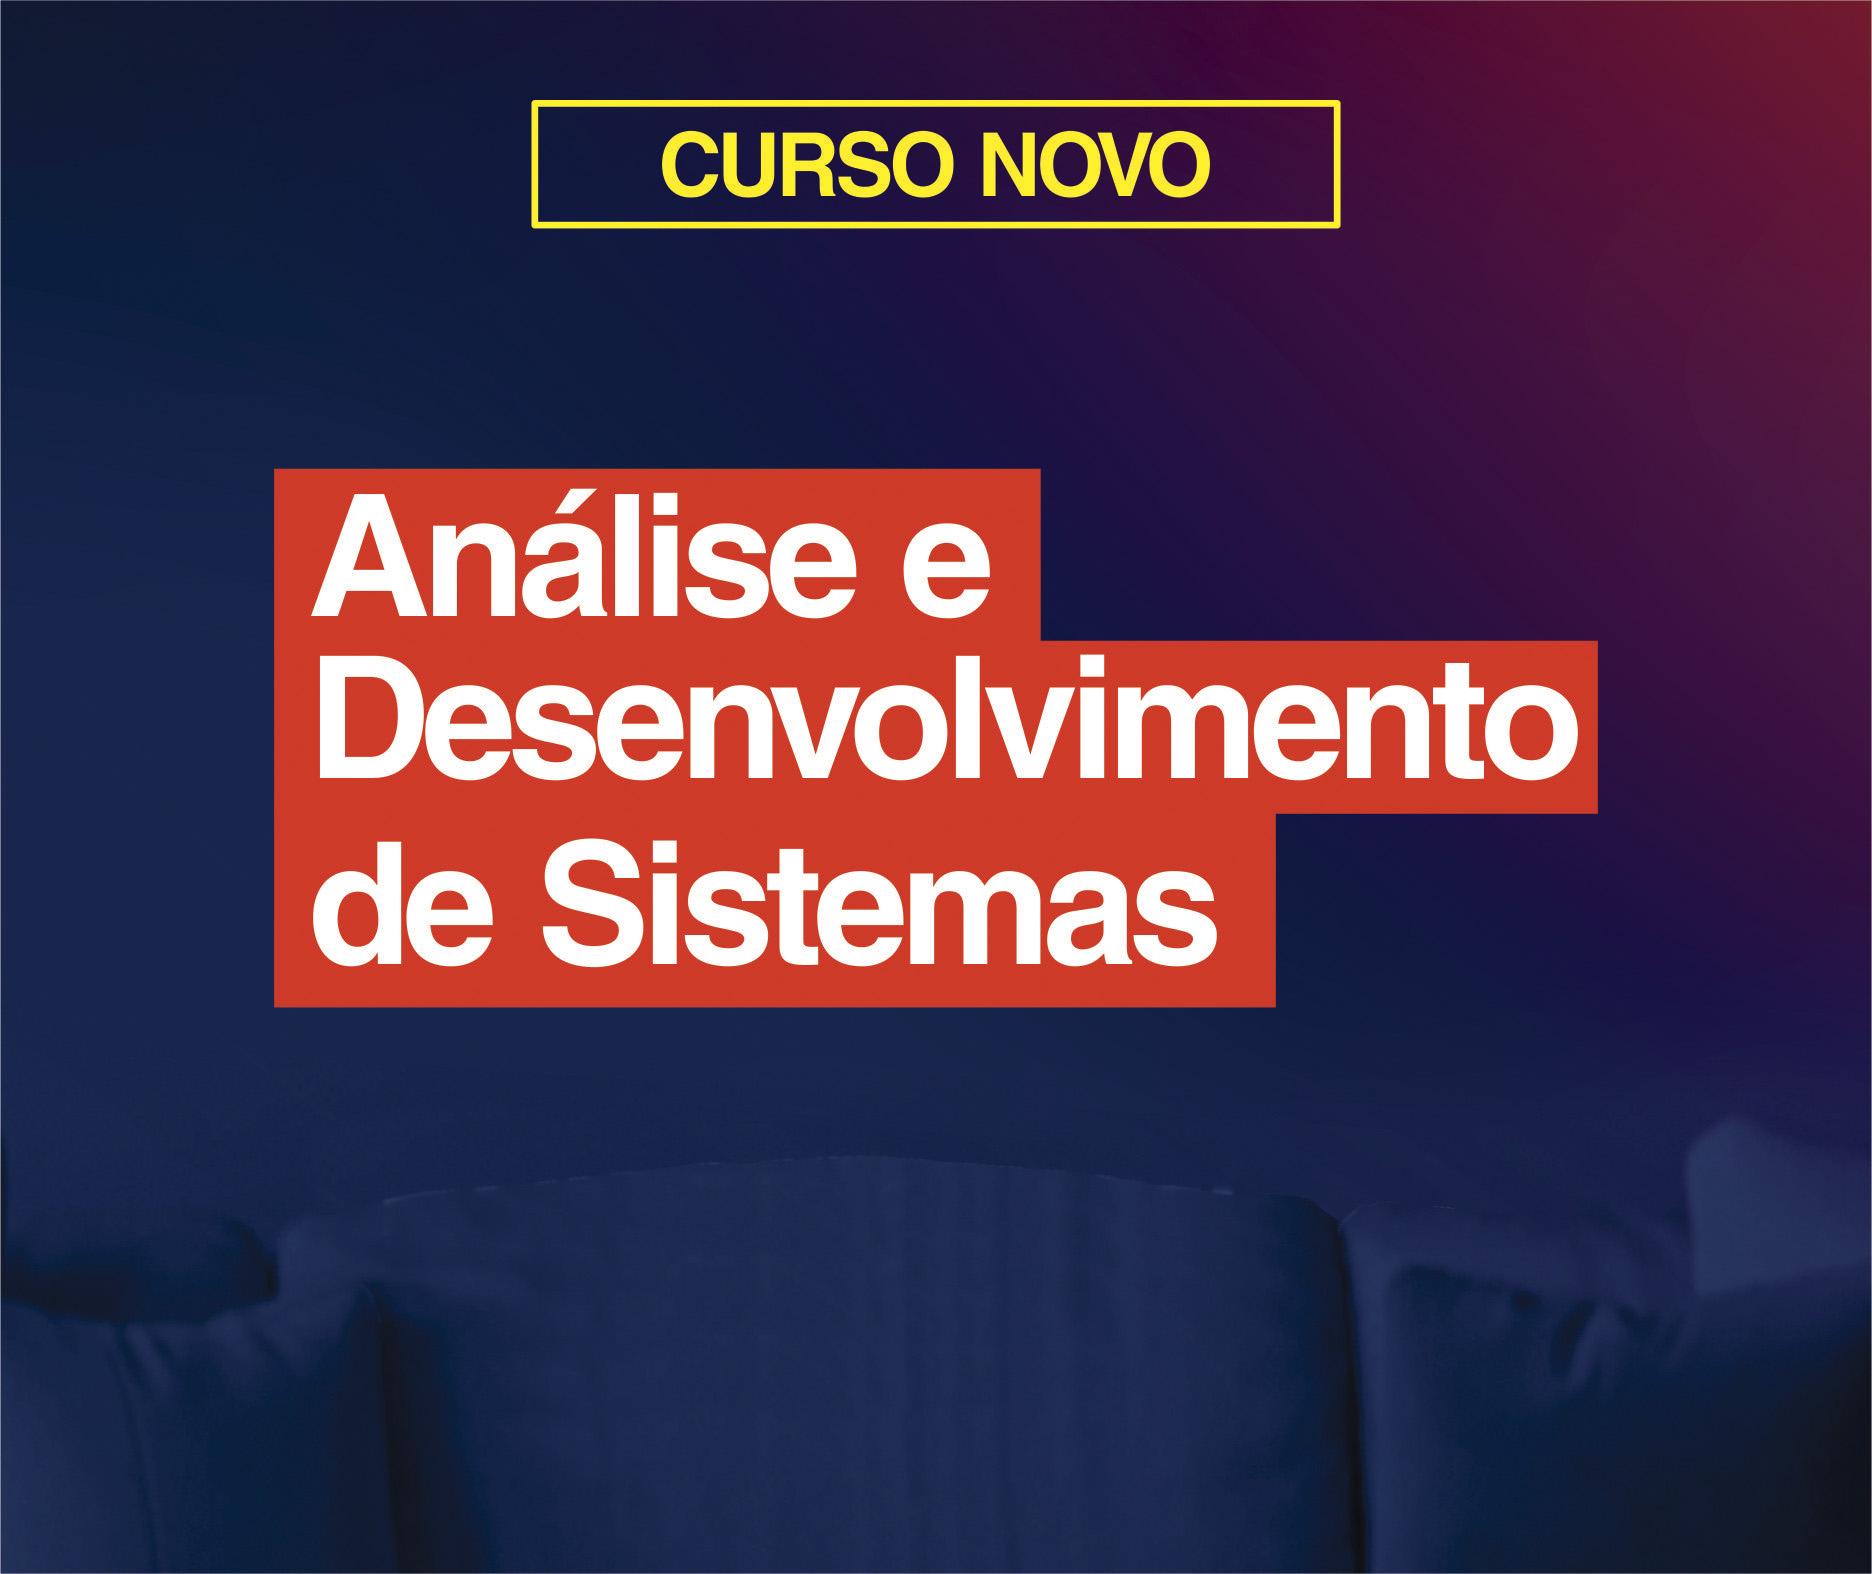 Analise e desenvolvimento de Sistemas